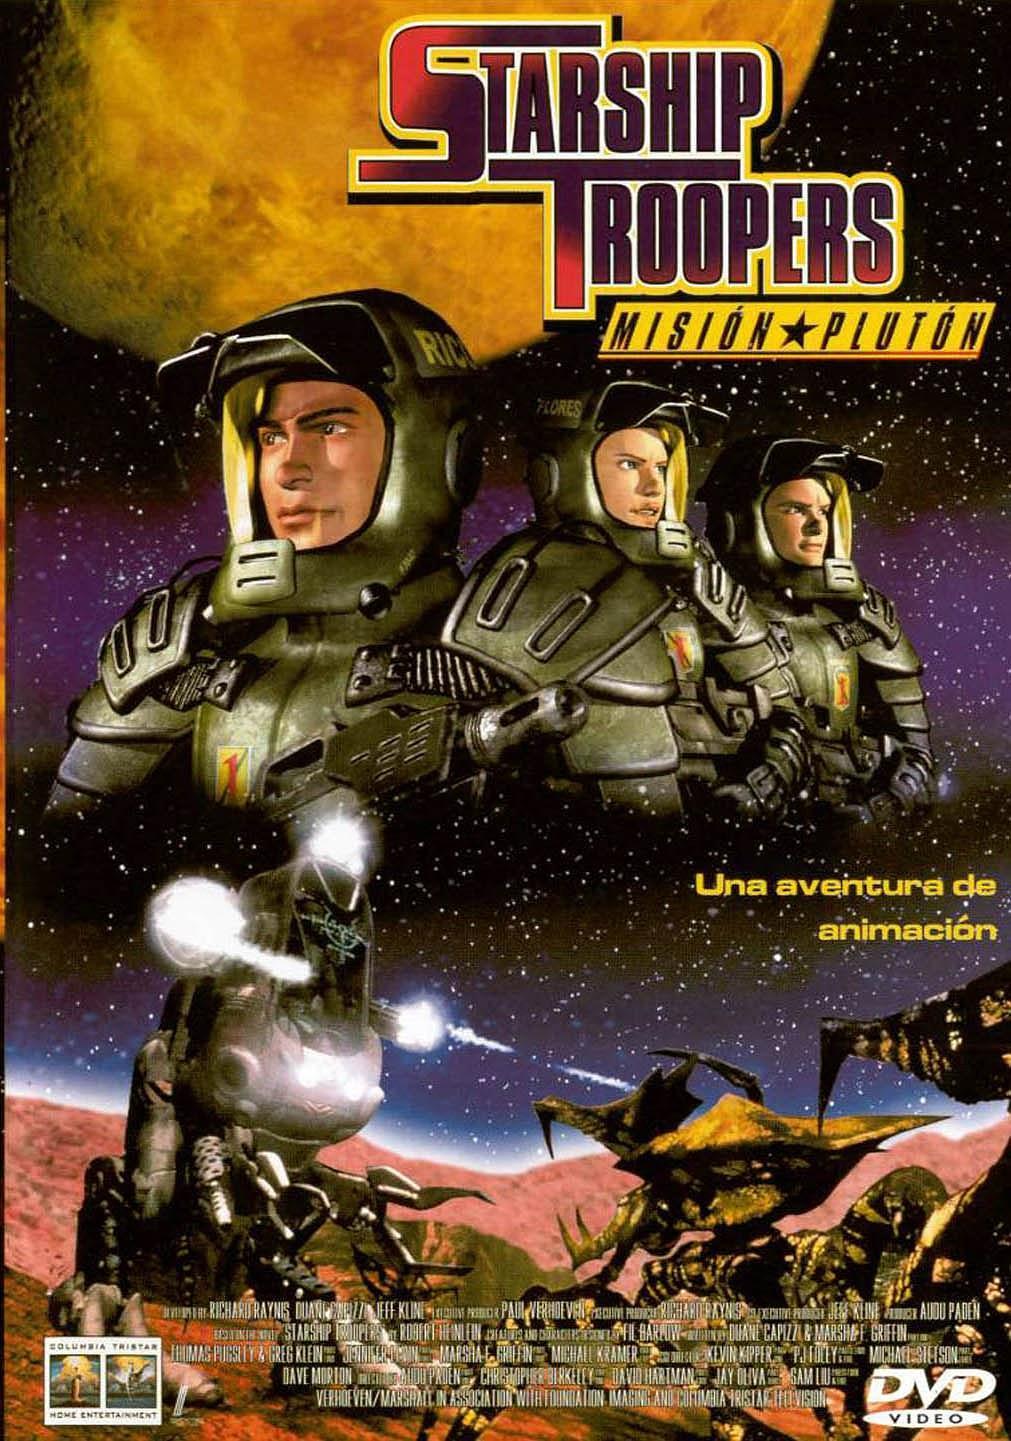 硬汉部队:星河战队历代记